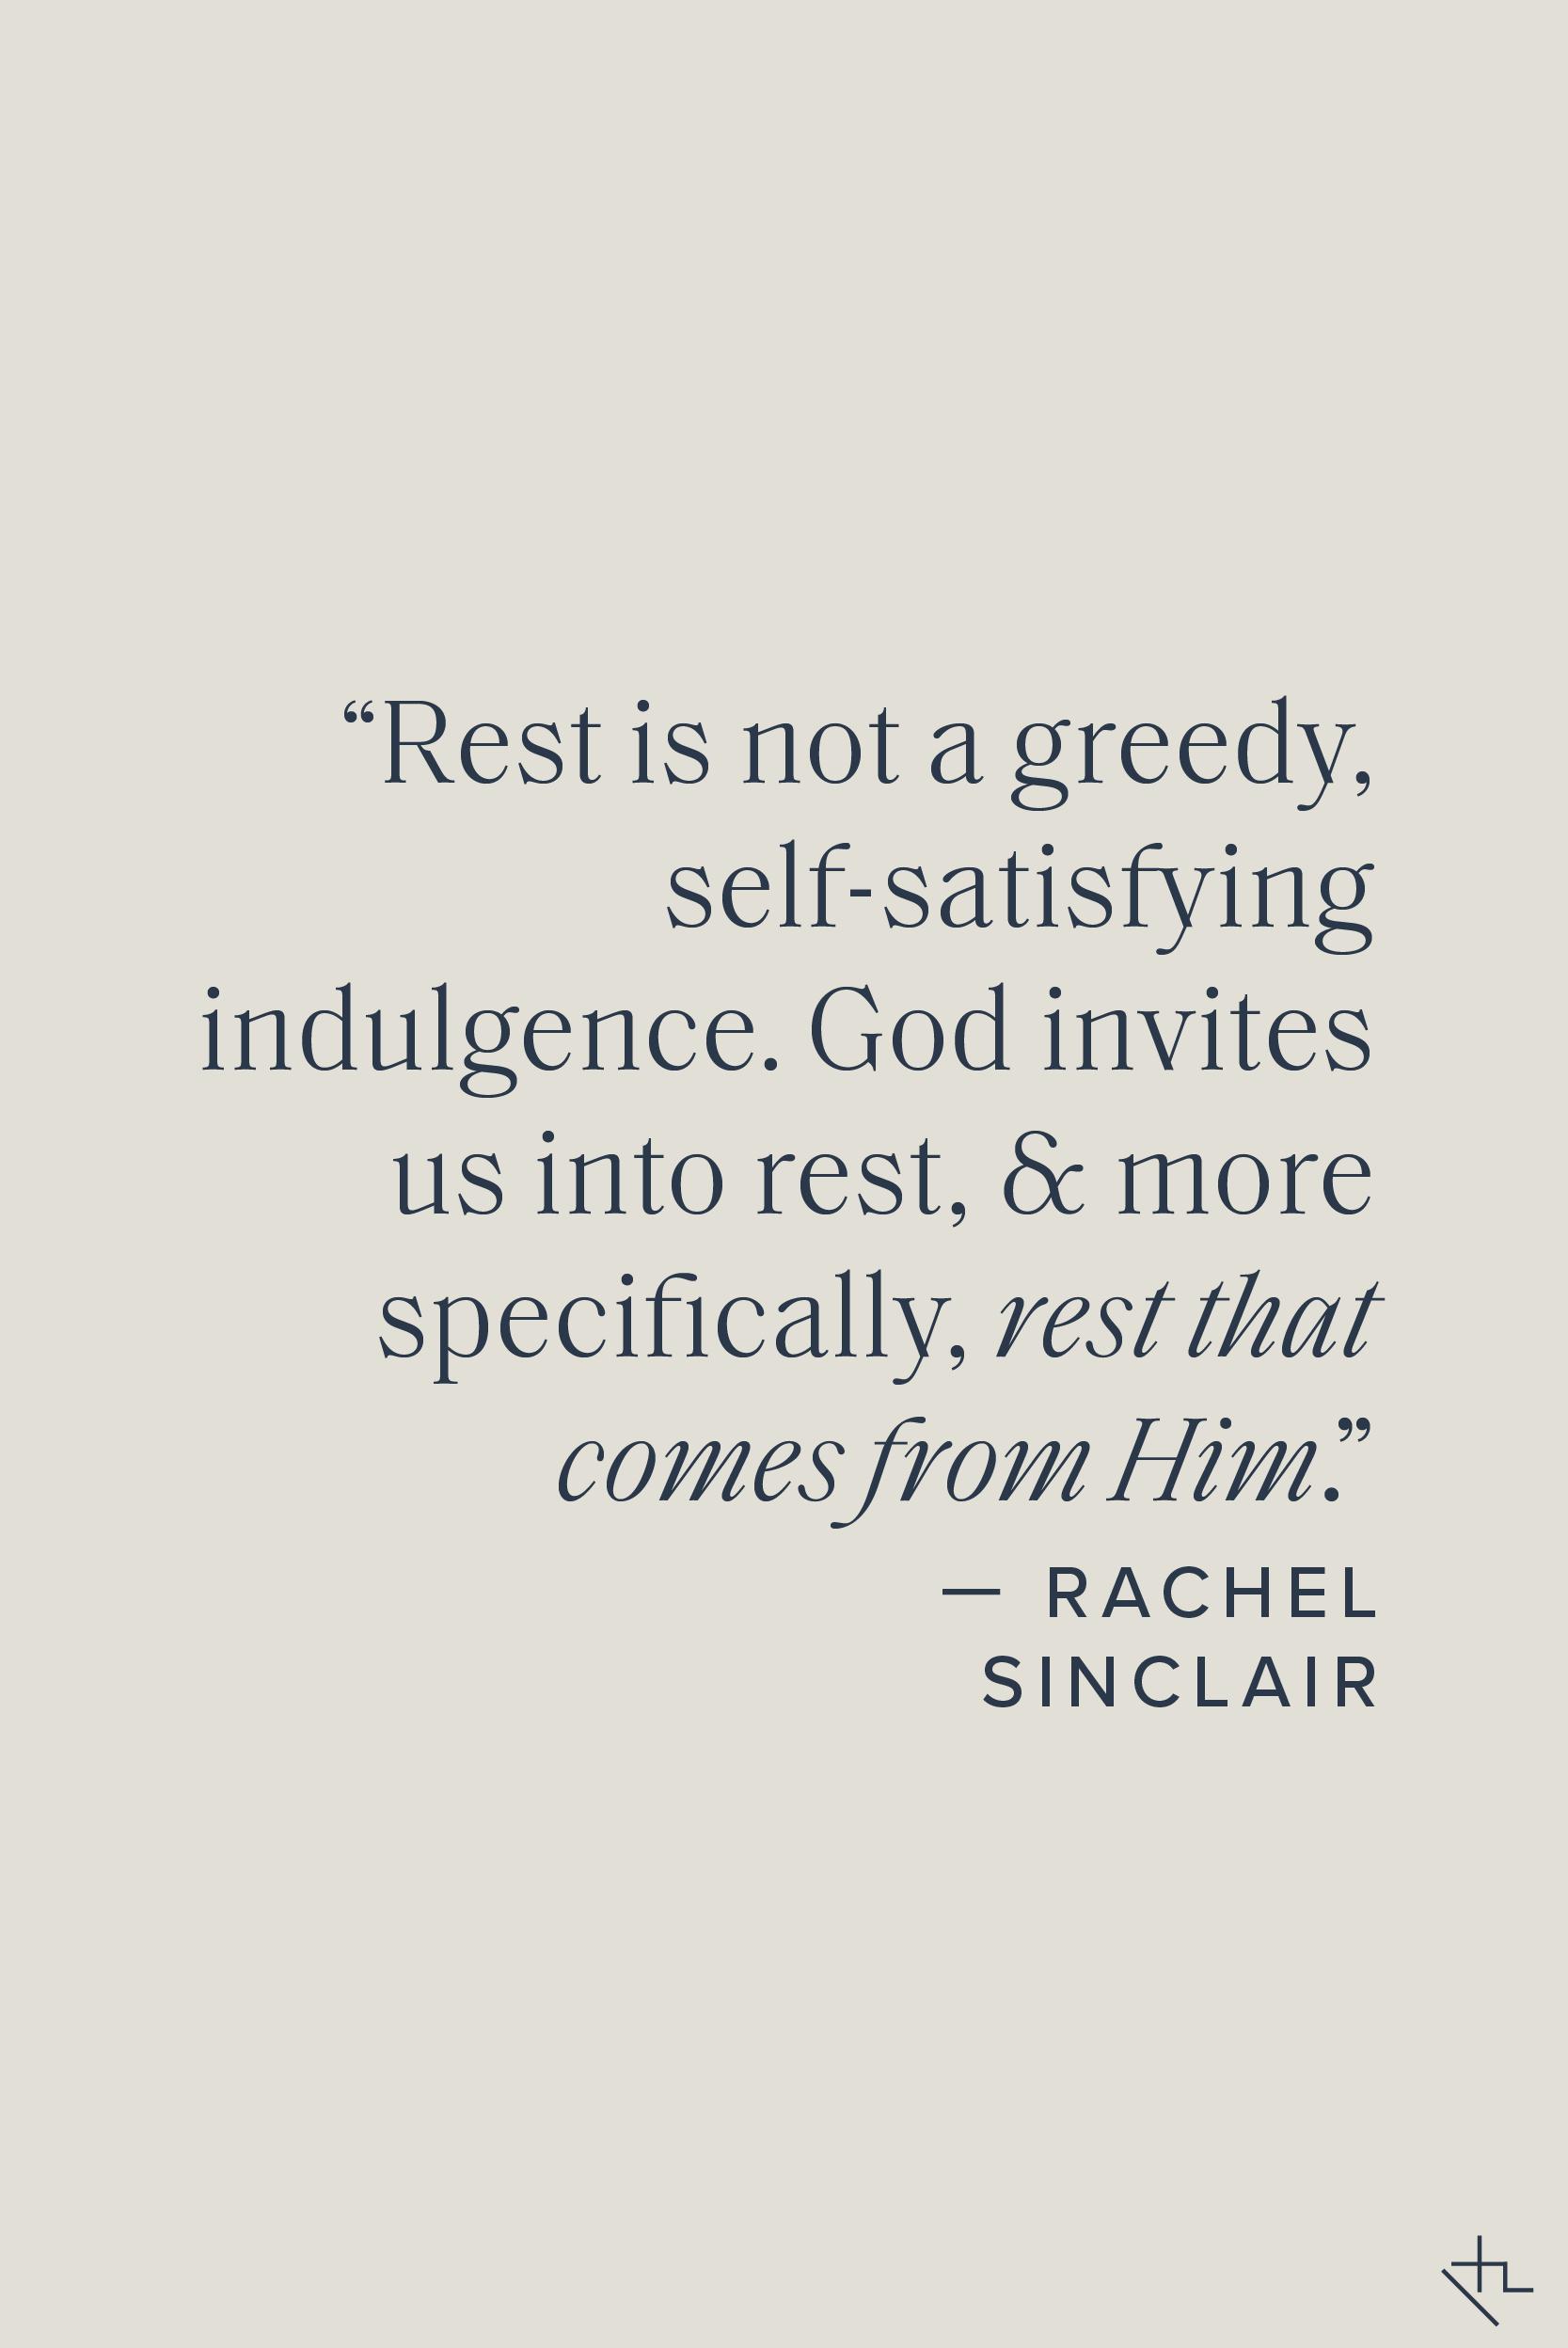 Rachel Sinclair - Pinterest Image